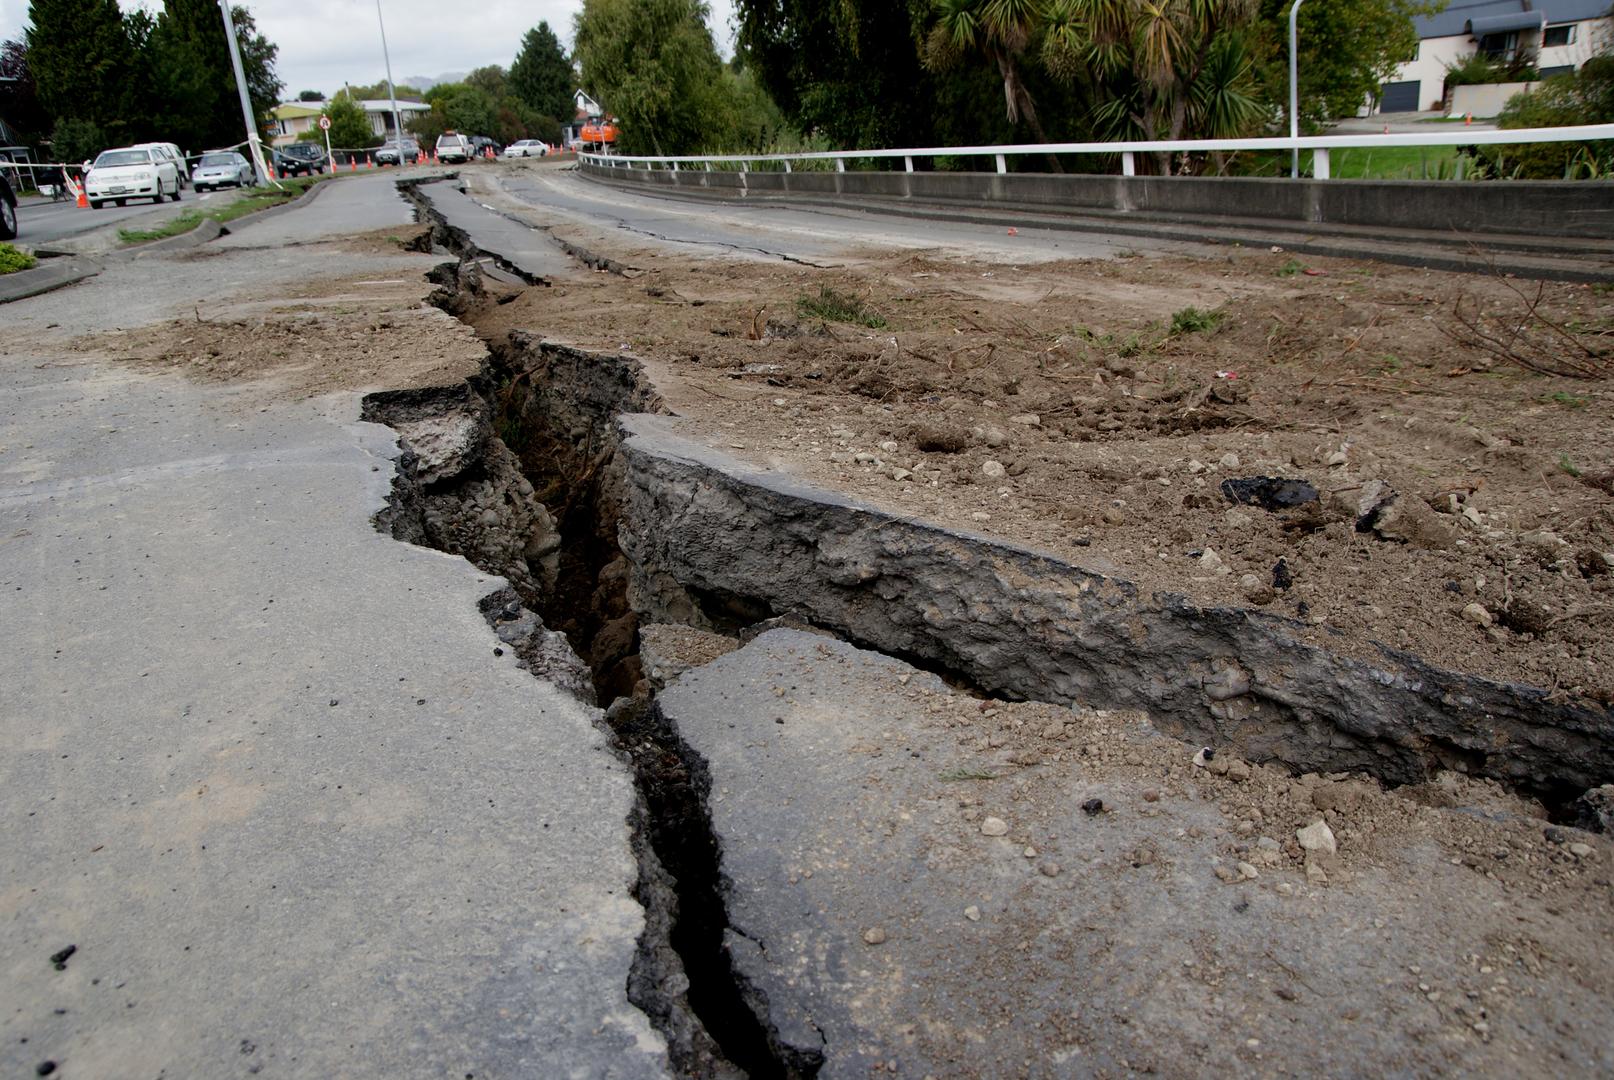 La profecía del 13 de enero de 2020: Terremoto grado 10º supuestamente azotará a latinoamérica